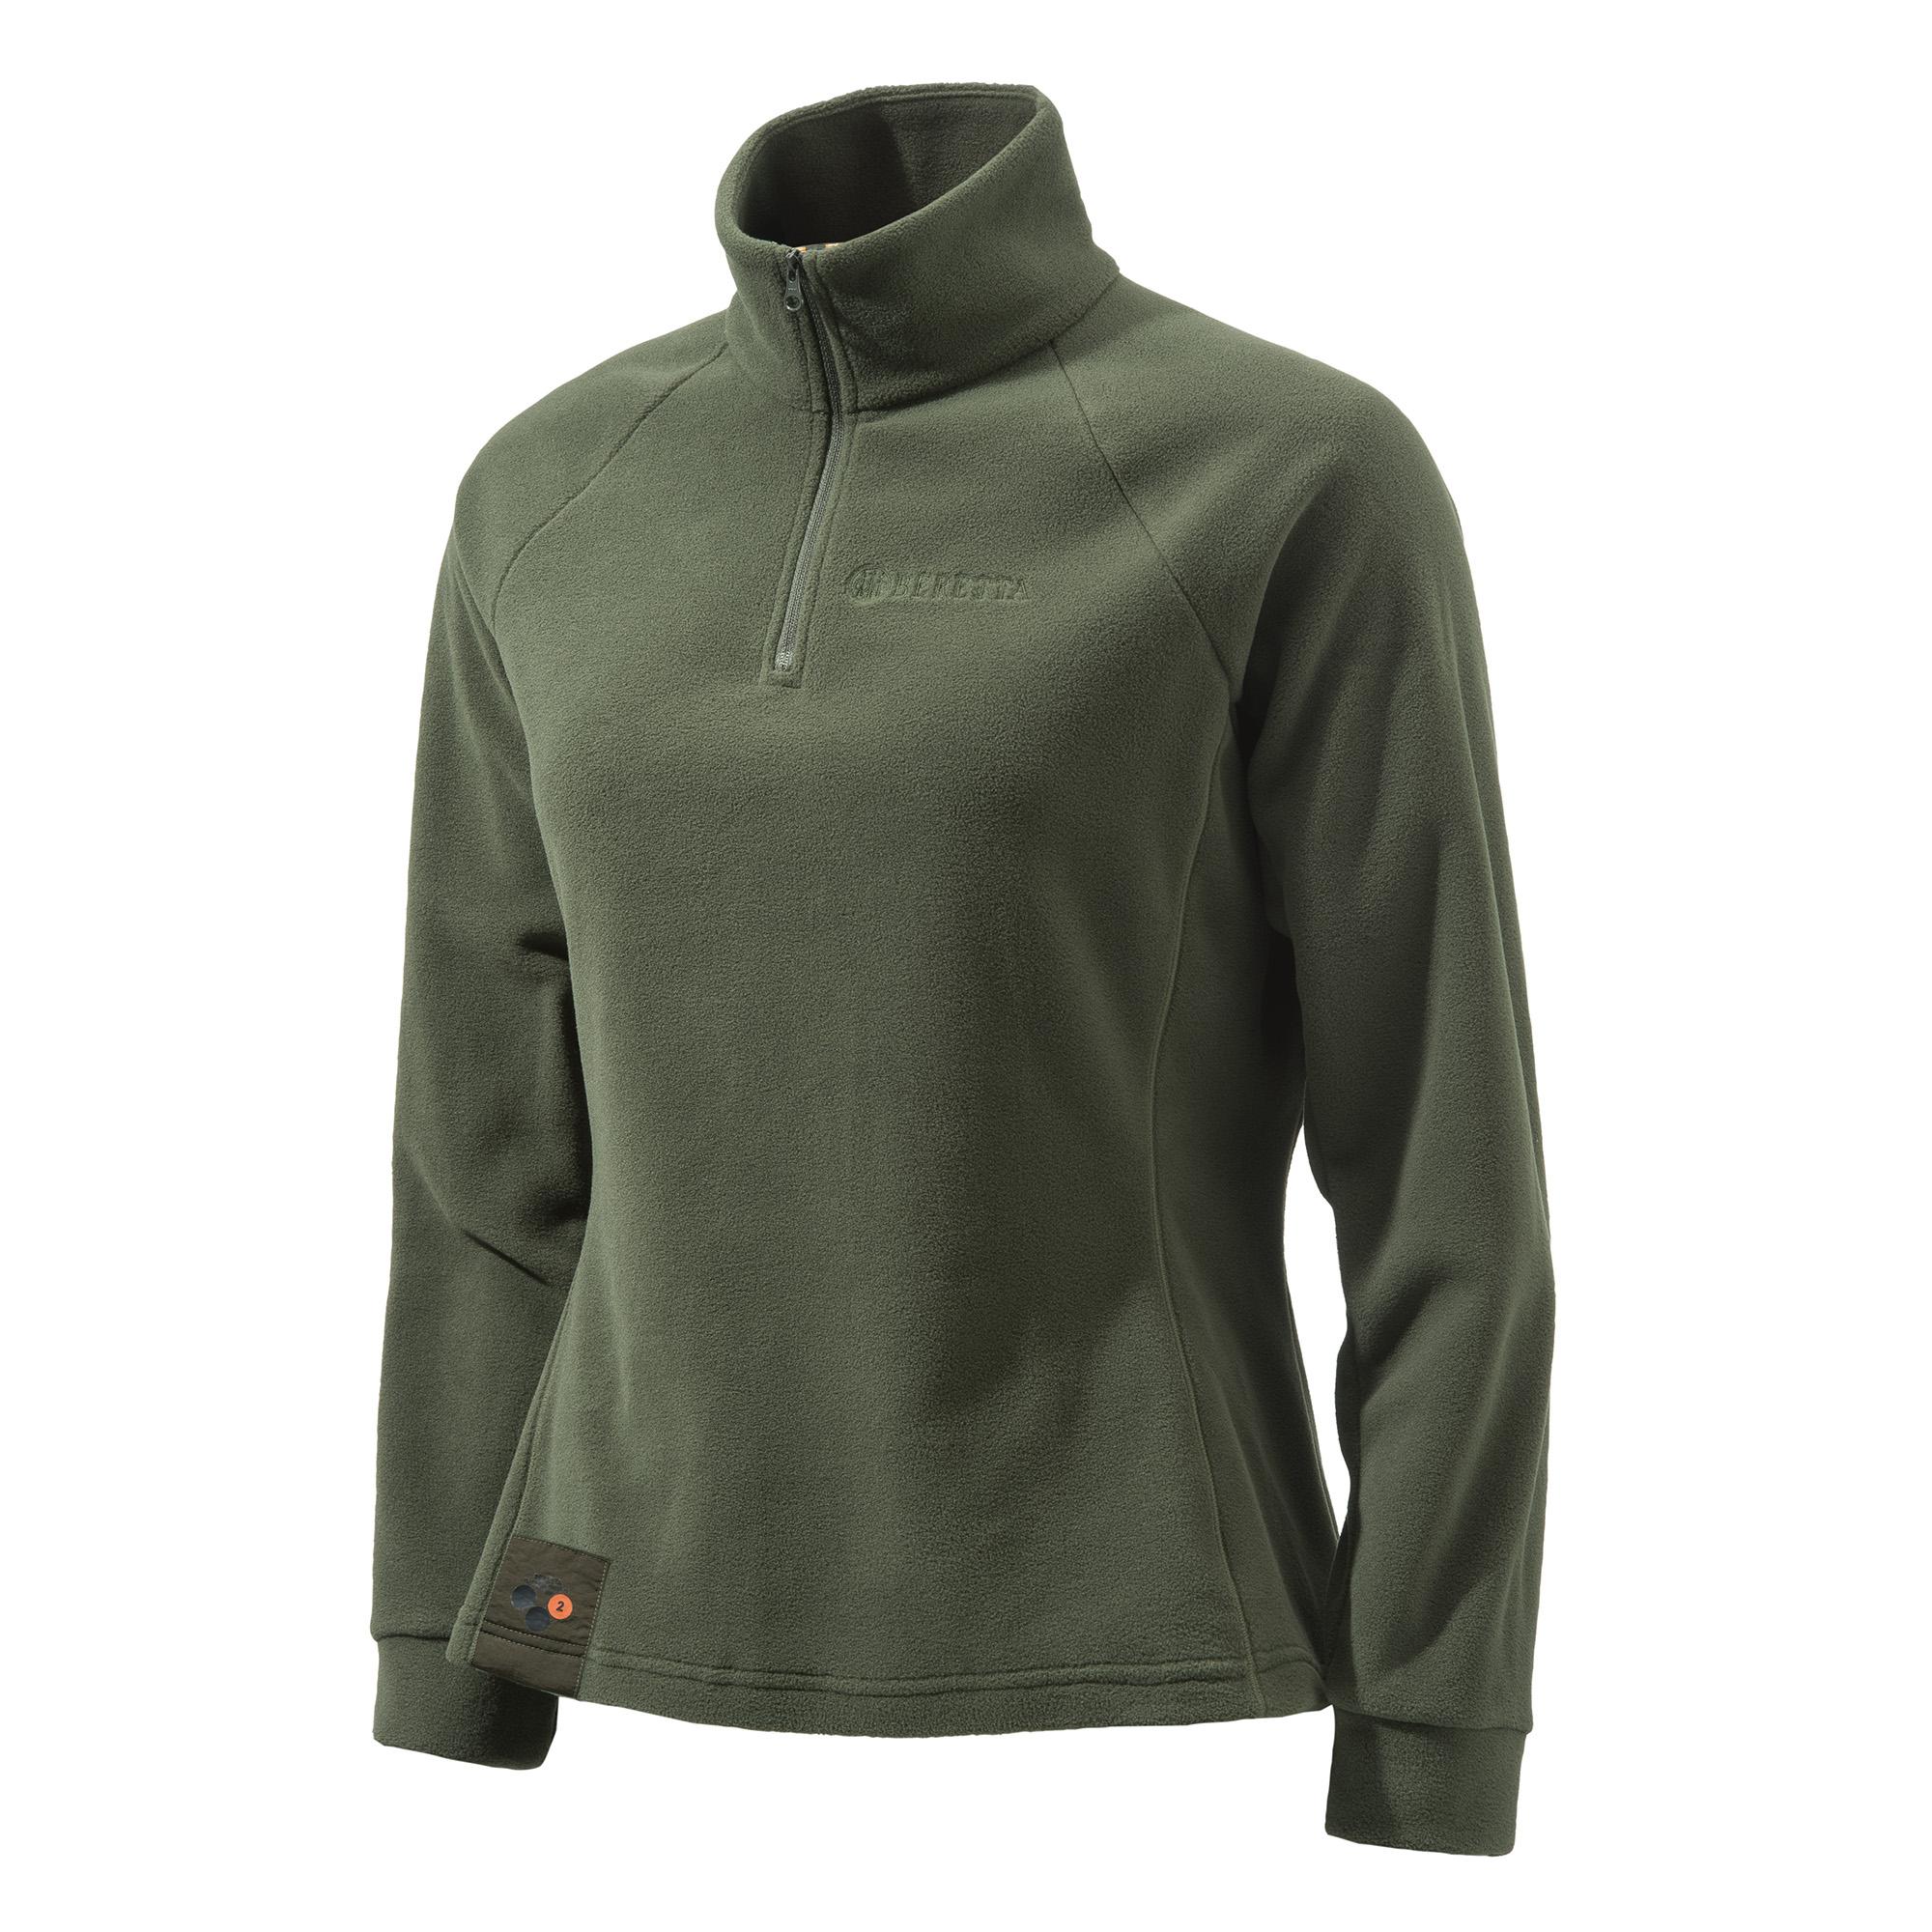 Beretta pile donna verde P3321 T1434 0715Beretta Half Zip Fleece Woman green P3321 T1434 0715